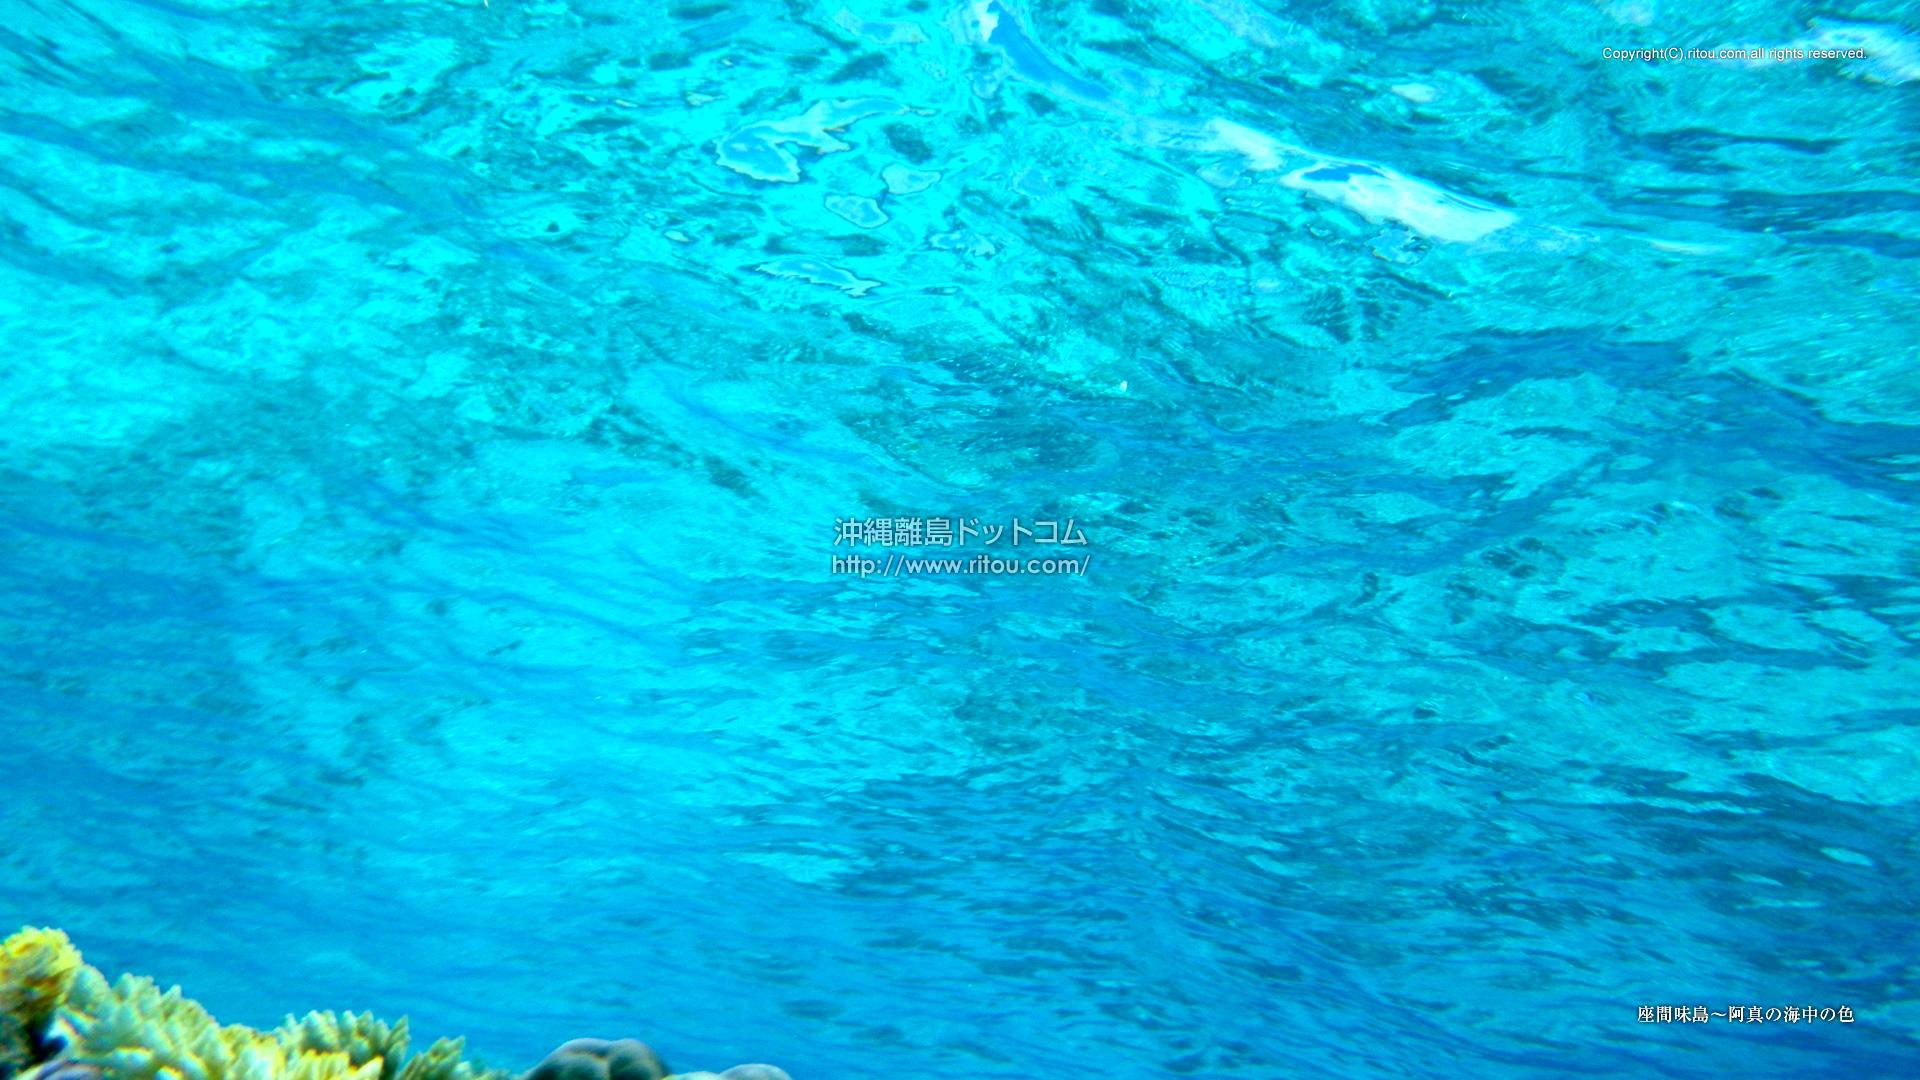 座間味島〜阿真の海中の色